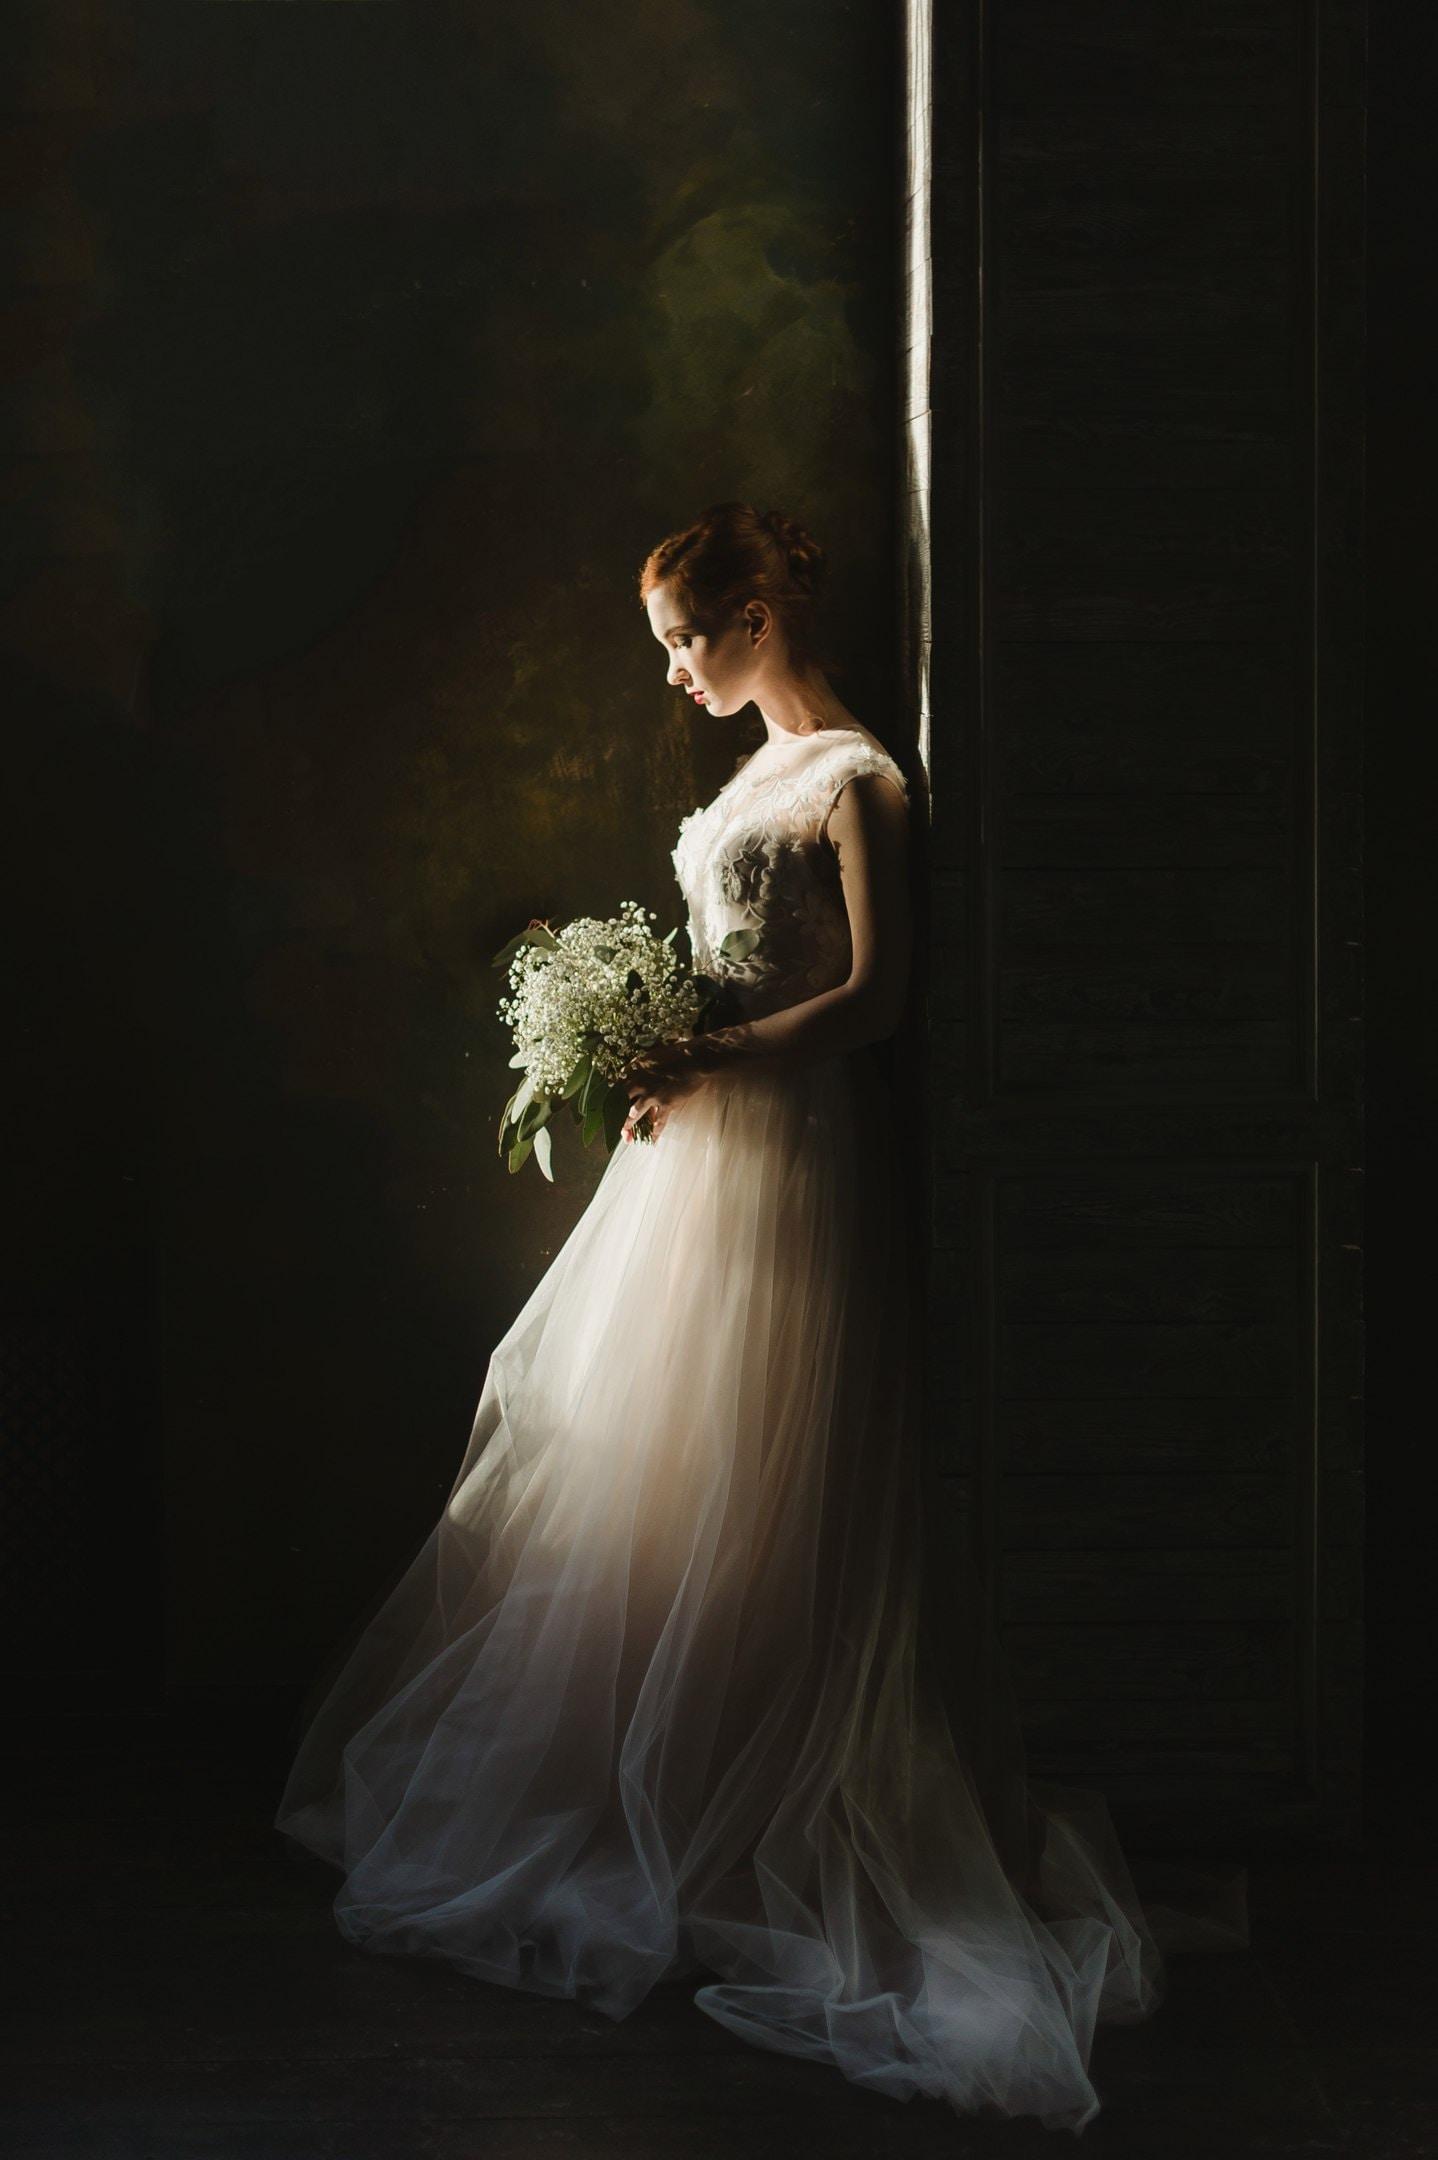 Taeyang Wedding Dress Outfit